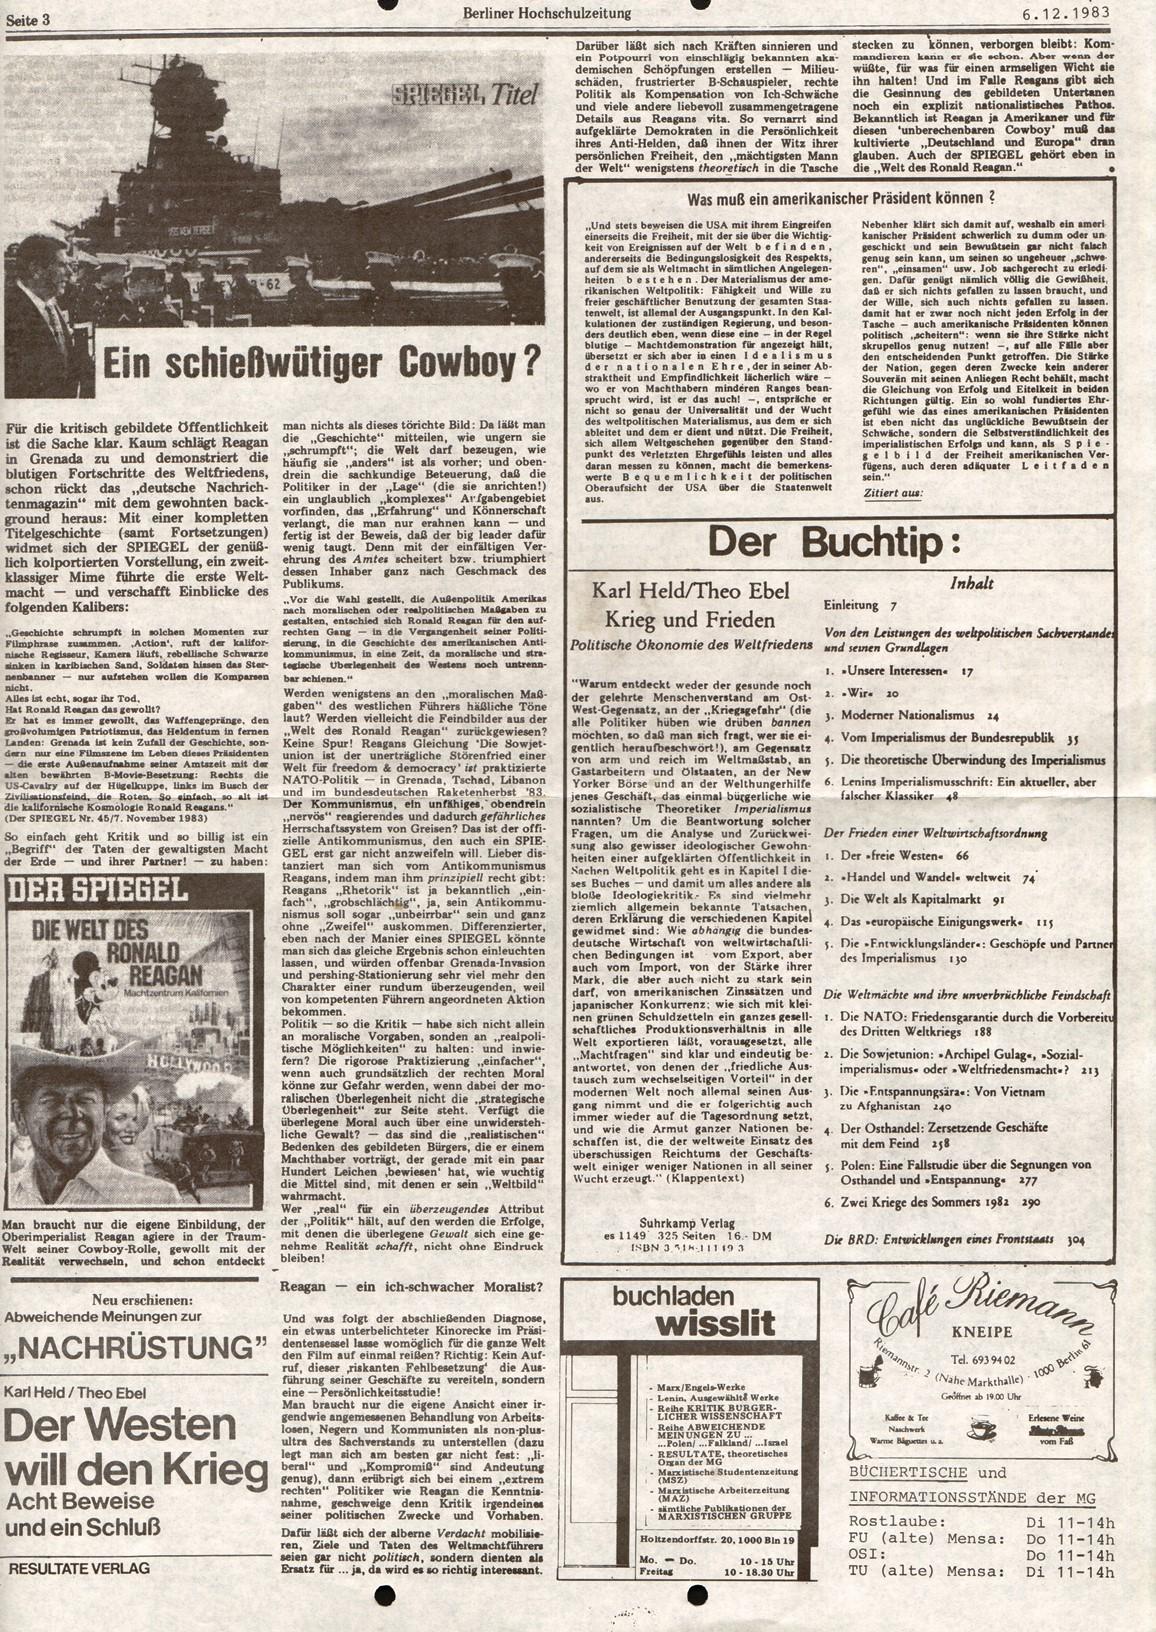 Berlin_MG_Hochschulzeitung_19831206_03